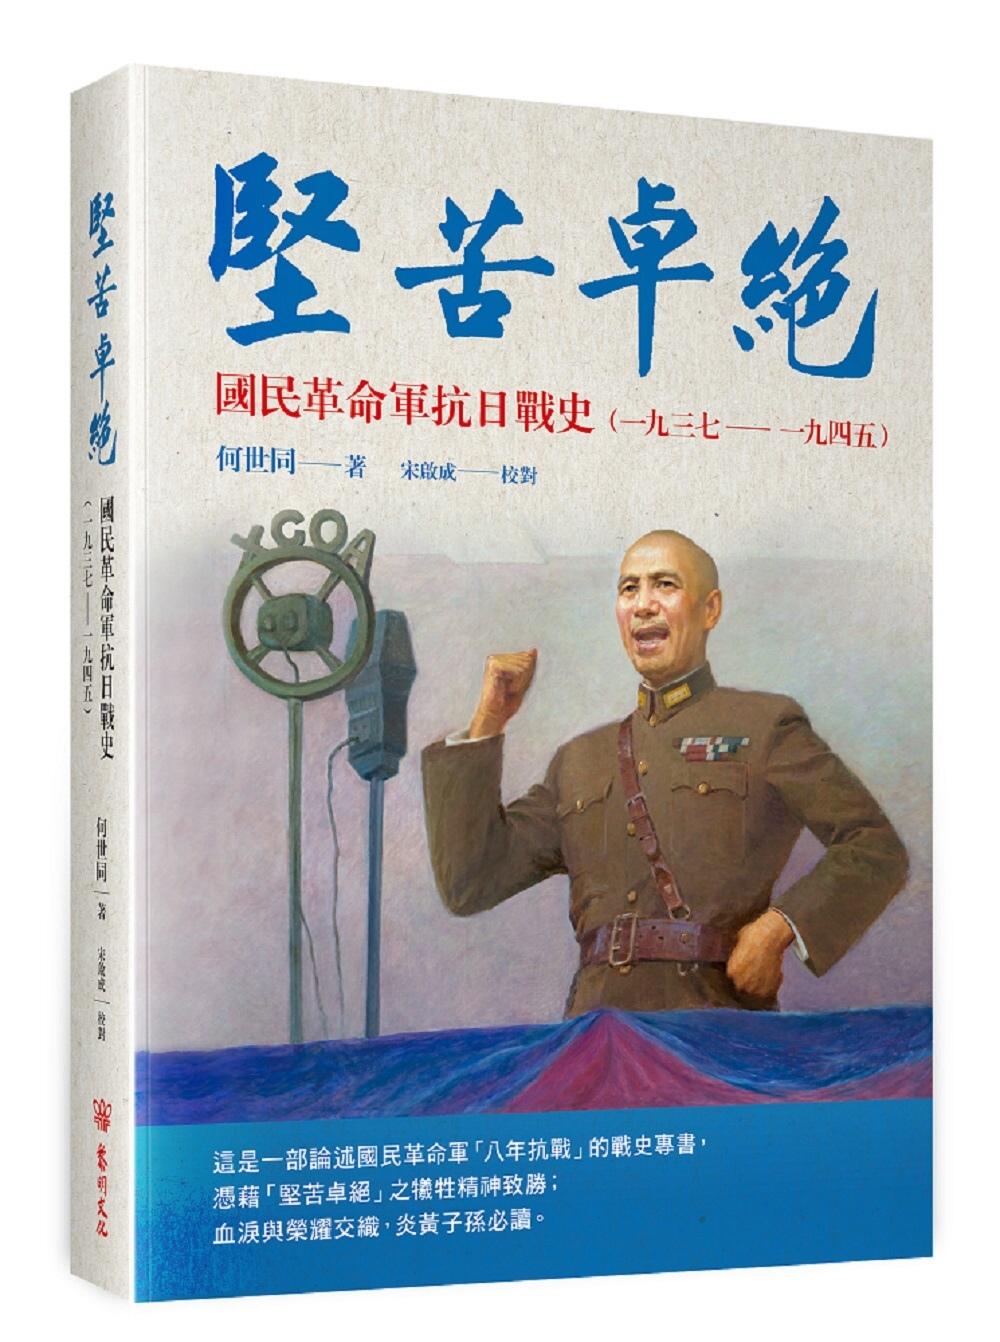 堅苦卓絕:國民革命軍抗日戰史